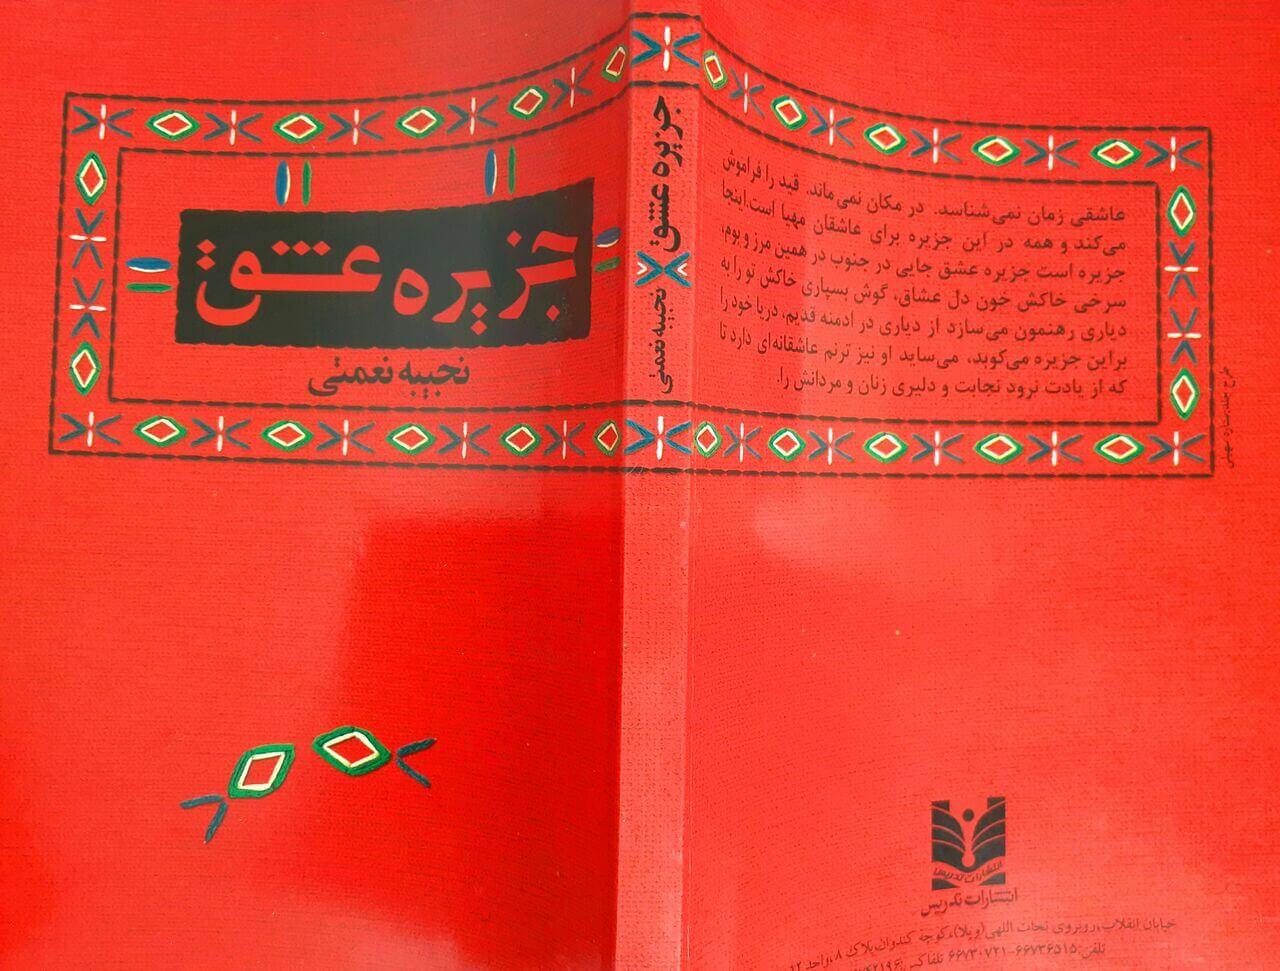 نگاهی به تاریخ خلیج فارس در کتاب «جزیره عشق»